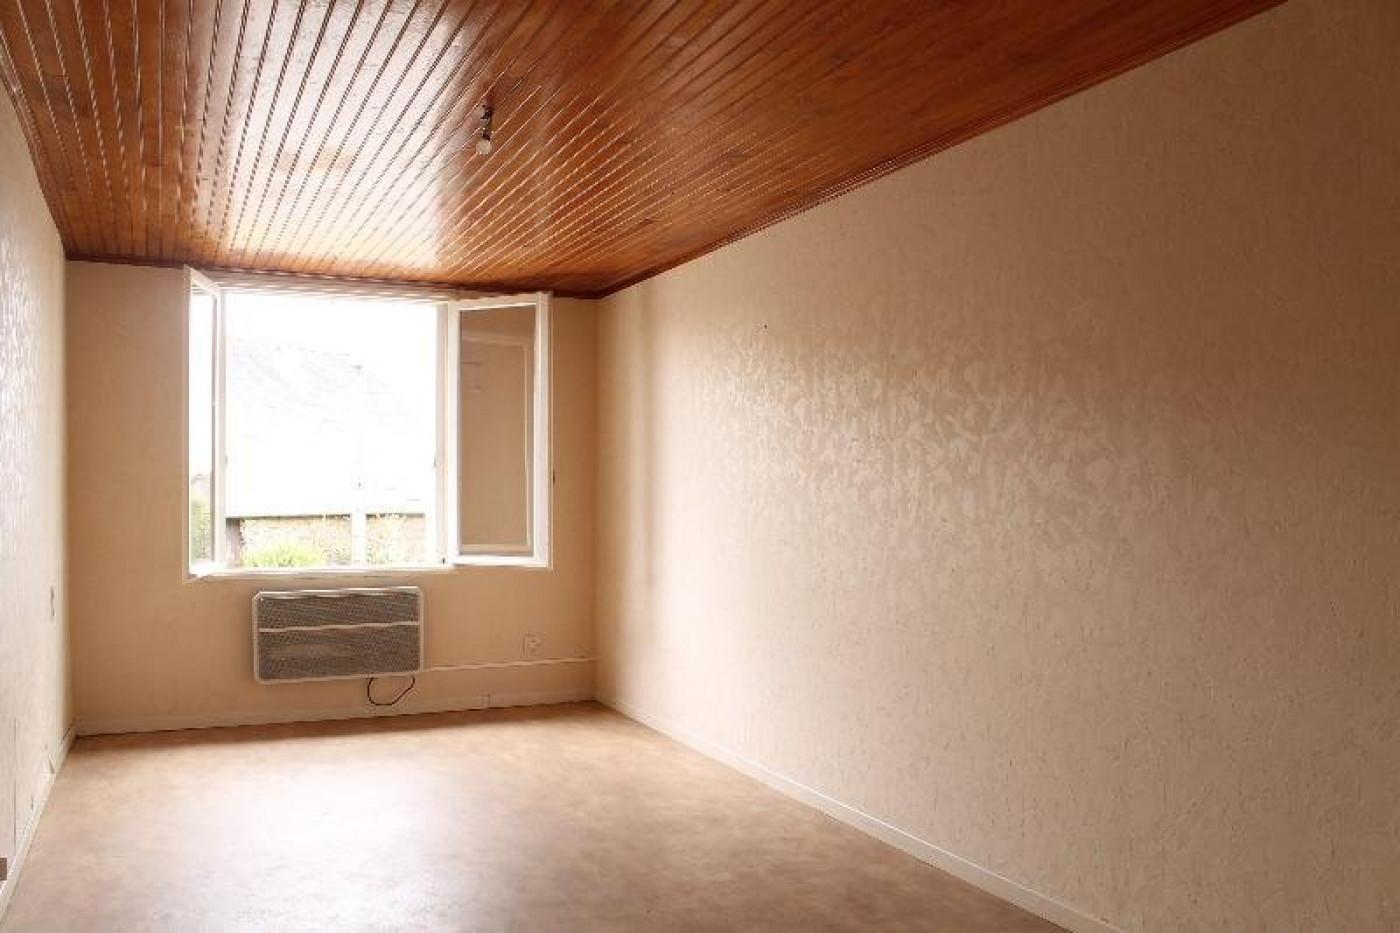 A vendre Sion Les Mines 44015216 Agence porte neuve immobilier